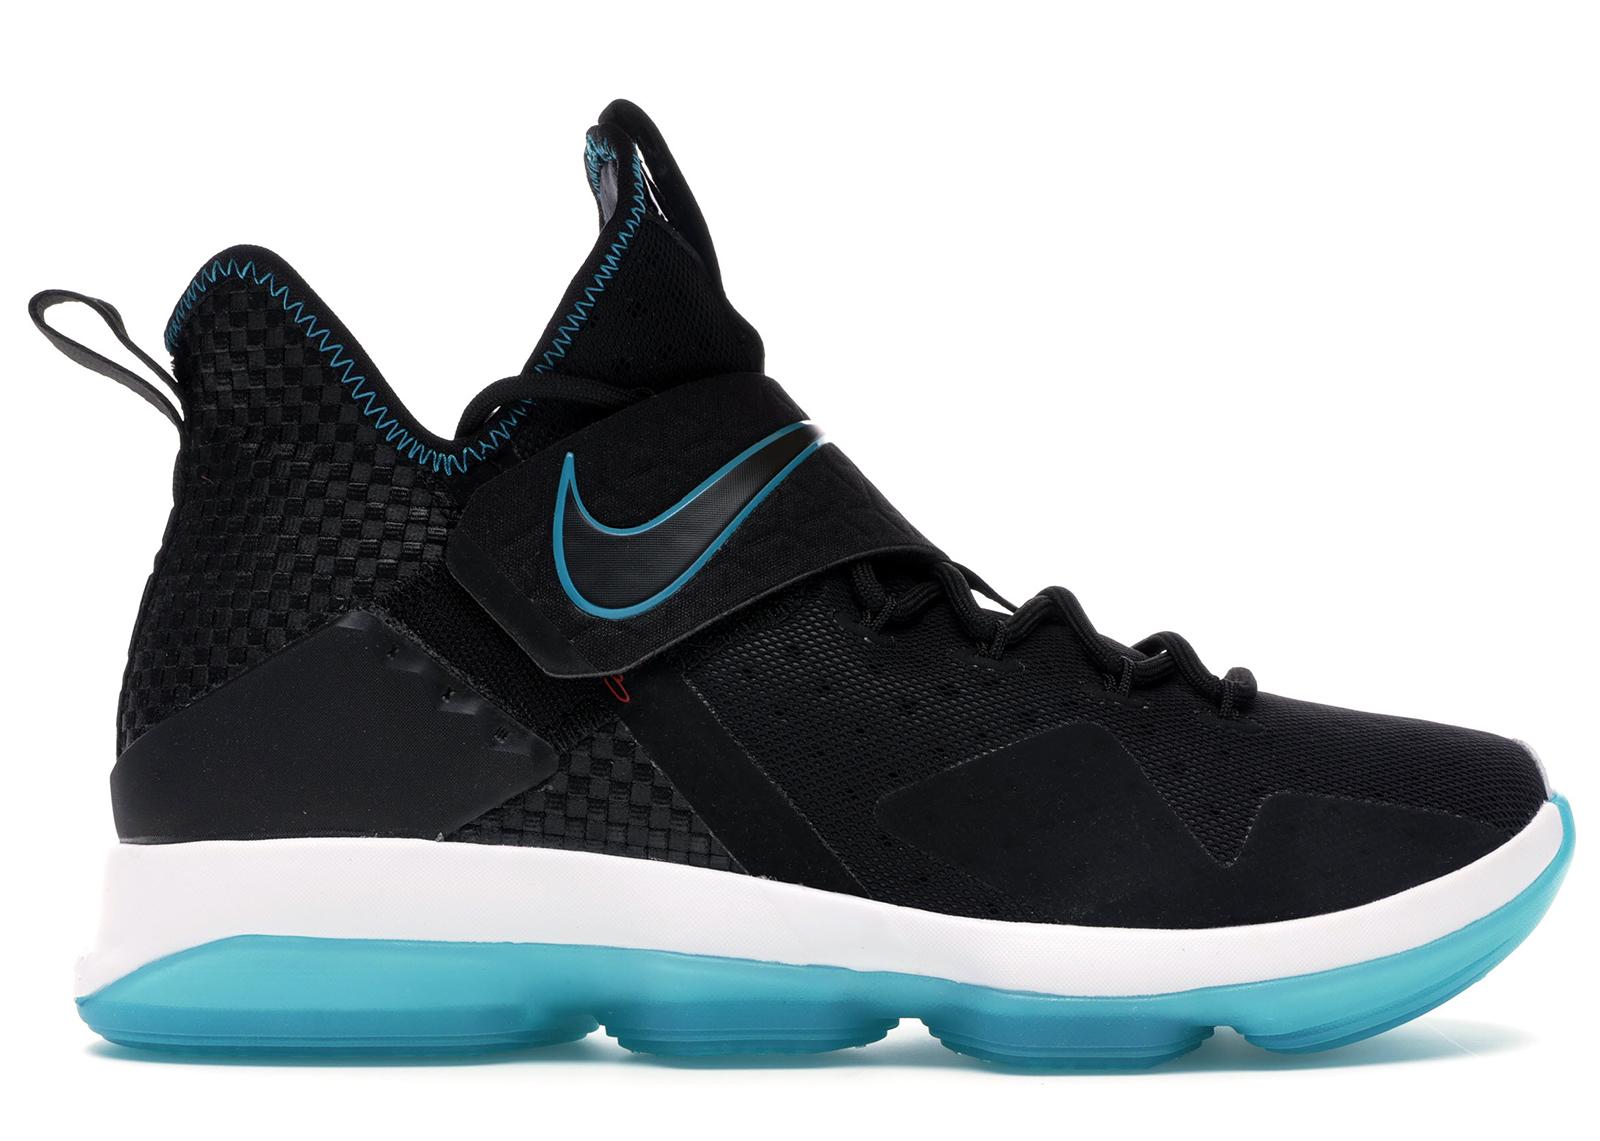 Nike LeBron 14 Red Carpet - 943323-002